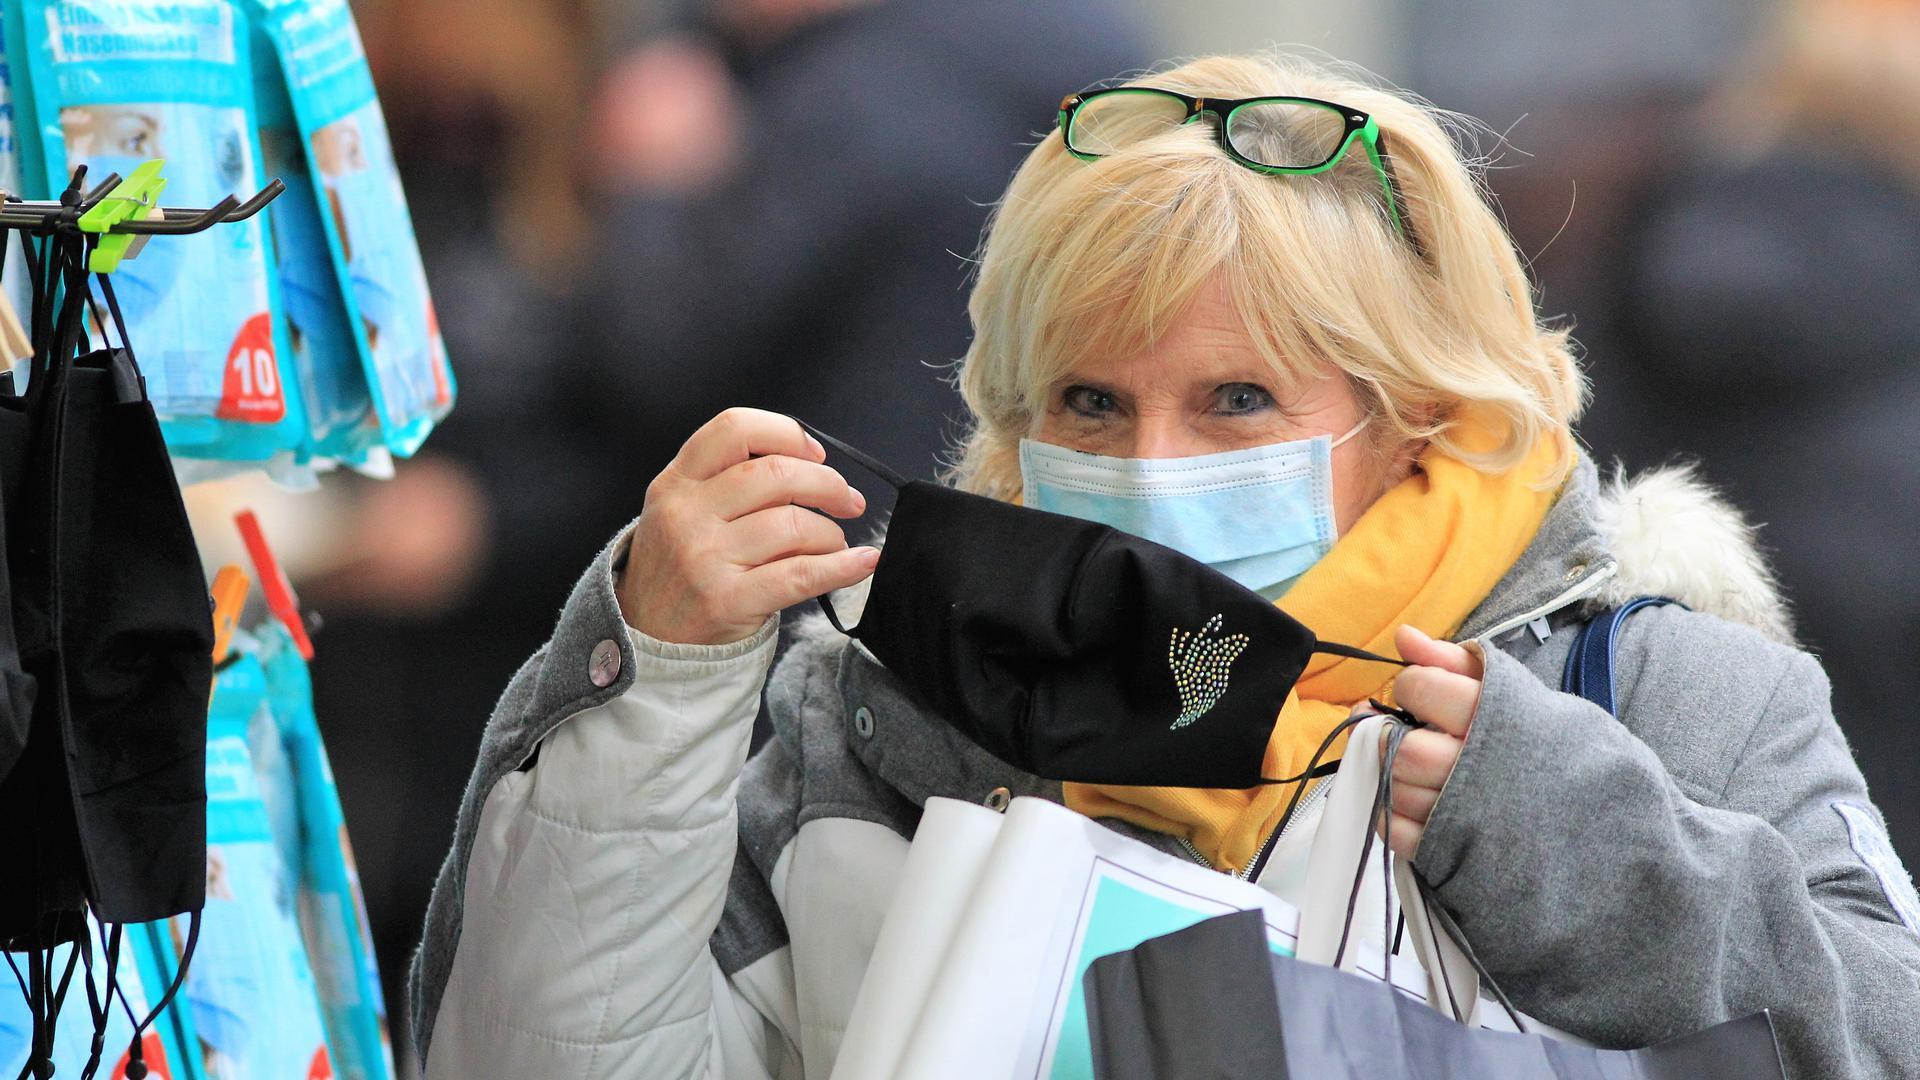 Eine Passantin steht vor einem Bekleidungsgeschäft in der Pforzheimer Fußgängerzone und probiert eine modische Maske an.